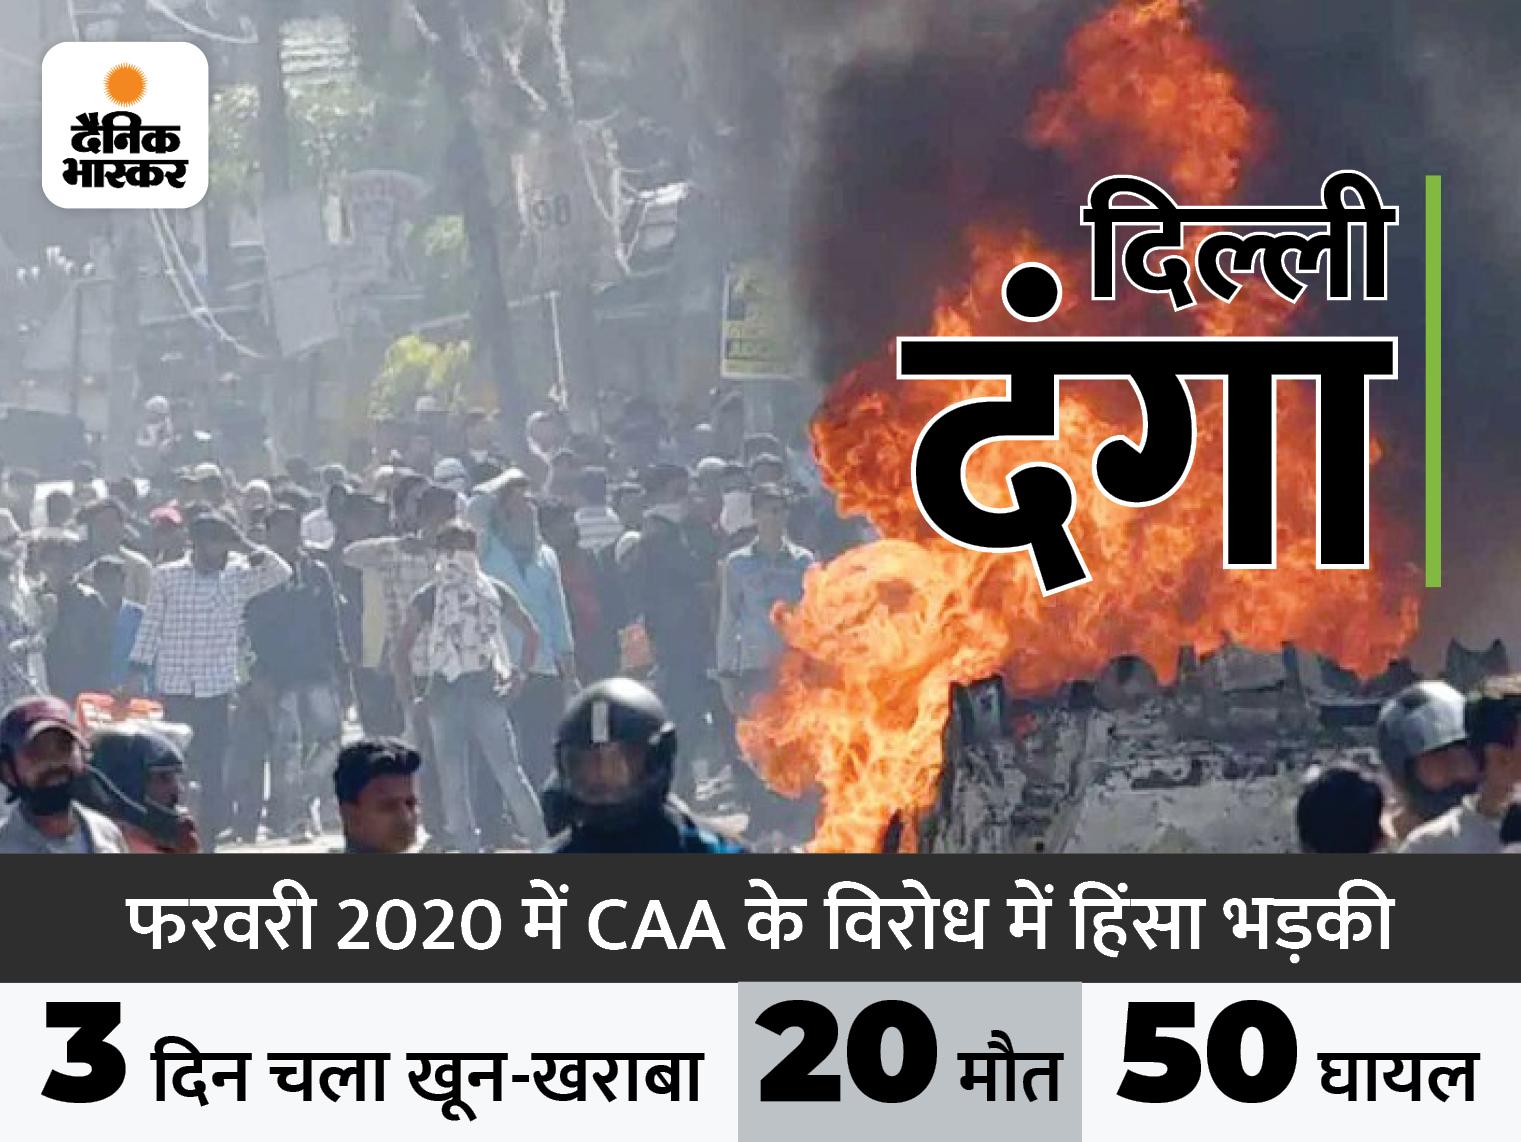 दिल्ली हाईकोर्ट ने कहा- राजधानी में किसी घटना के बाद हिंसा अचानक नहीं भड़की, सब कुछ प्री-प्लान्ड था|देश,National - Dainik Bhaskar